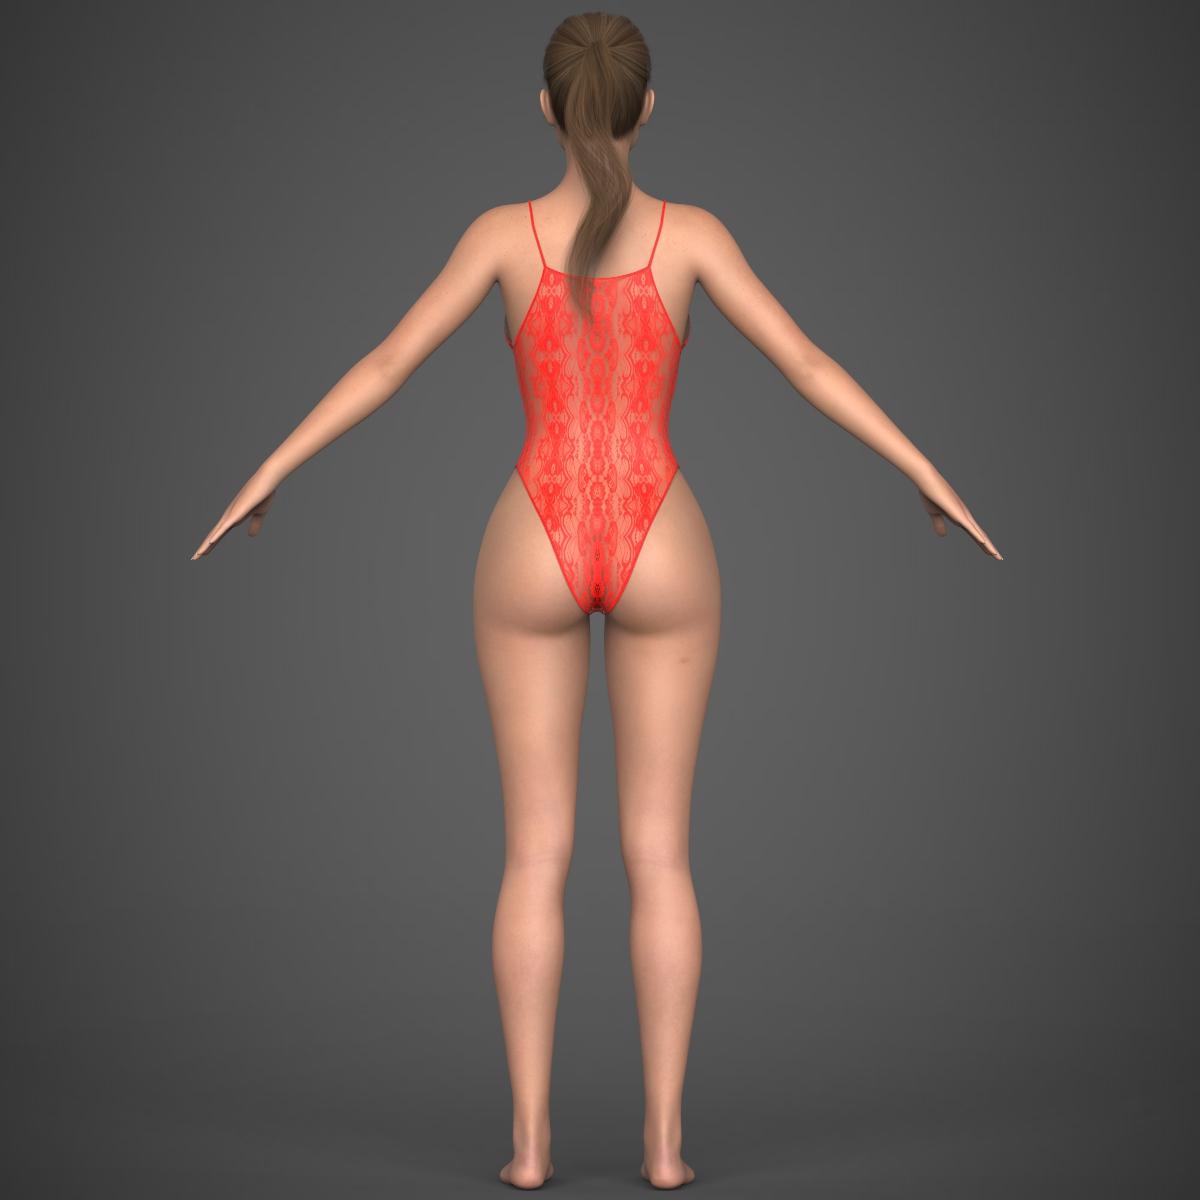 realistic young girl 3d model max fbx c4d ma mb texture obj 220931